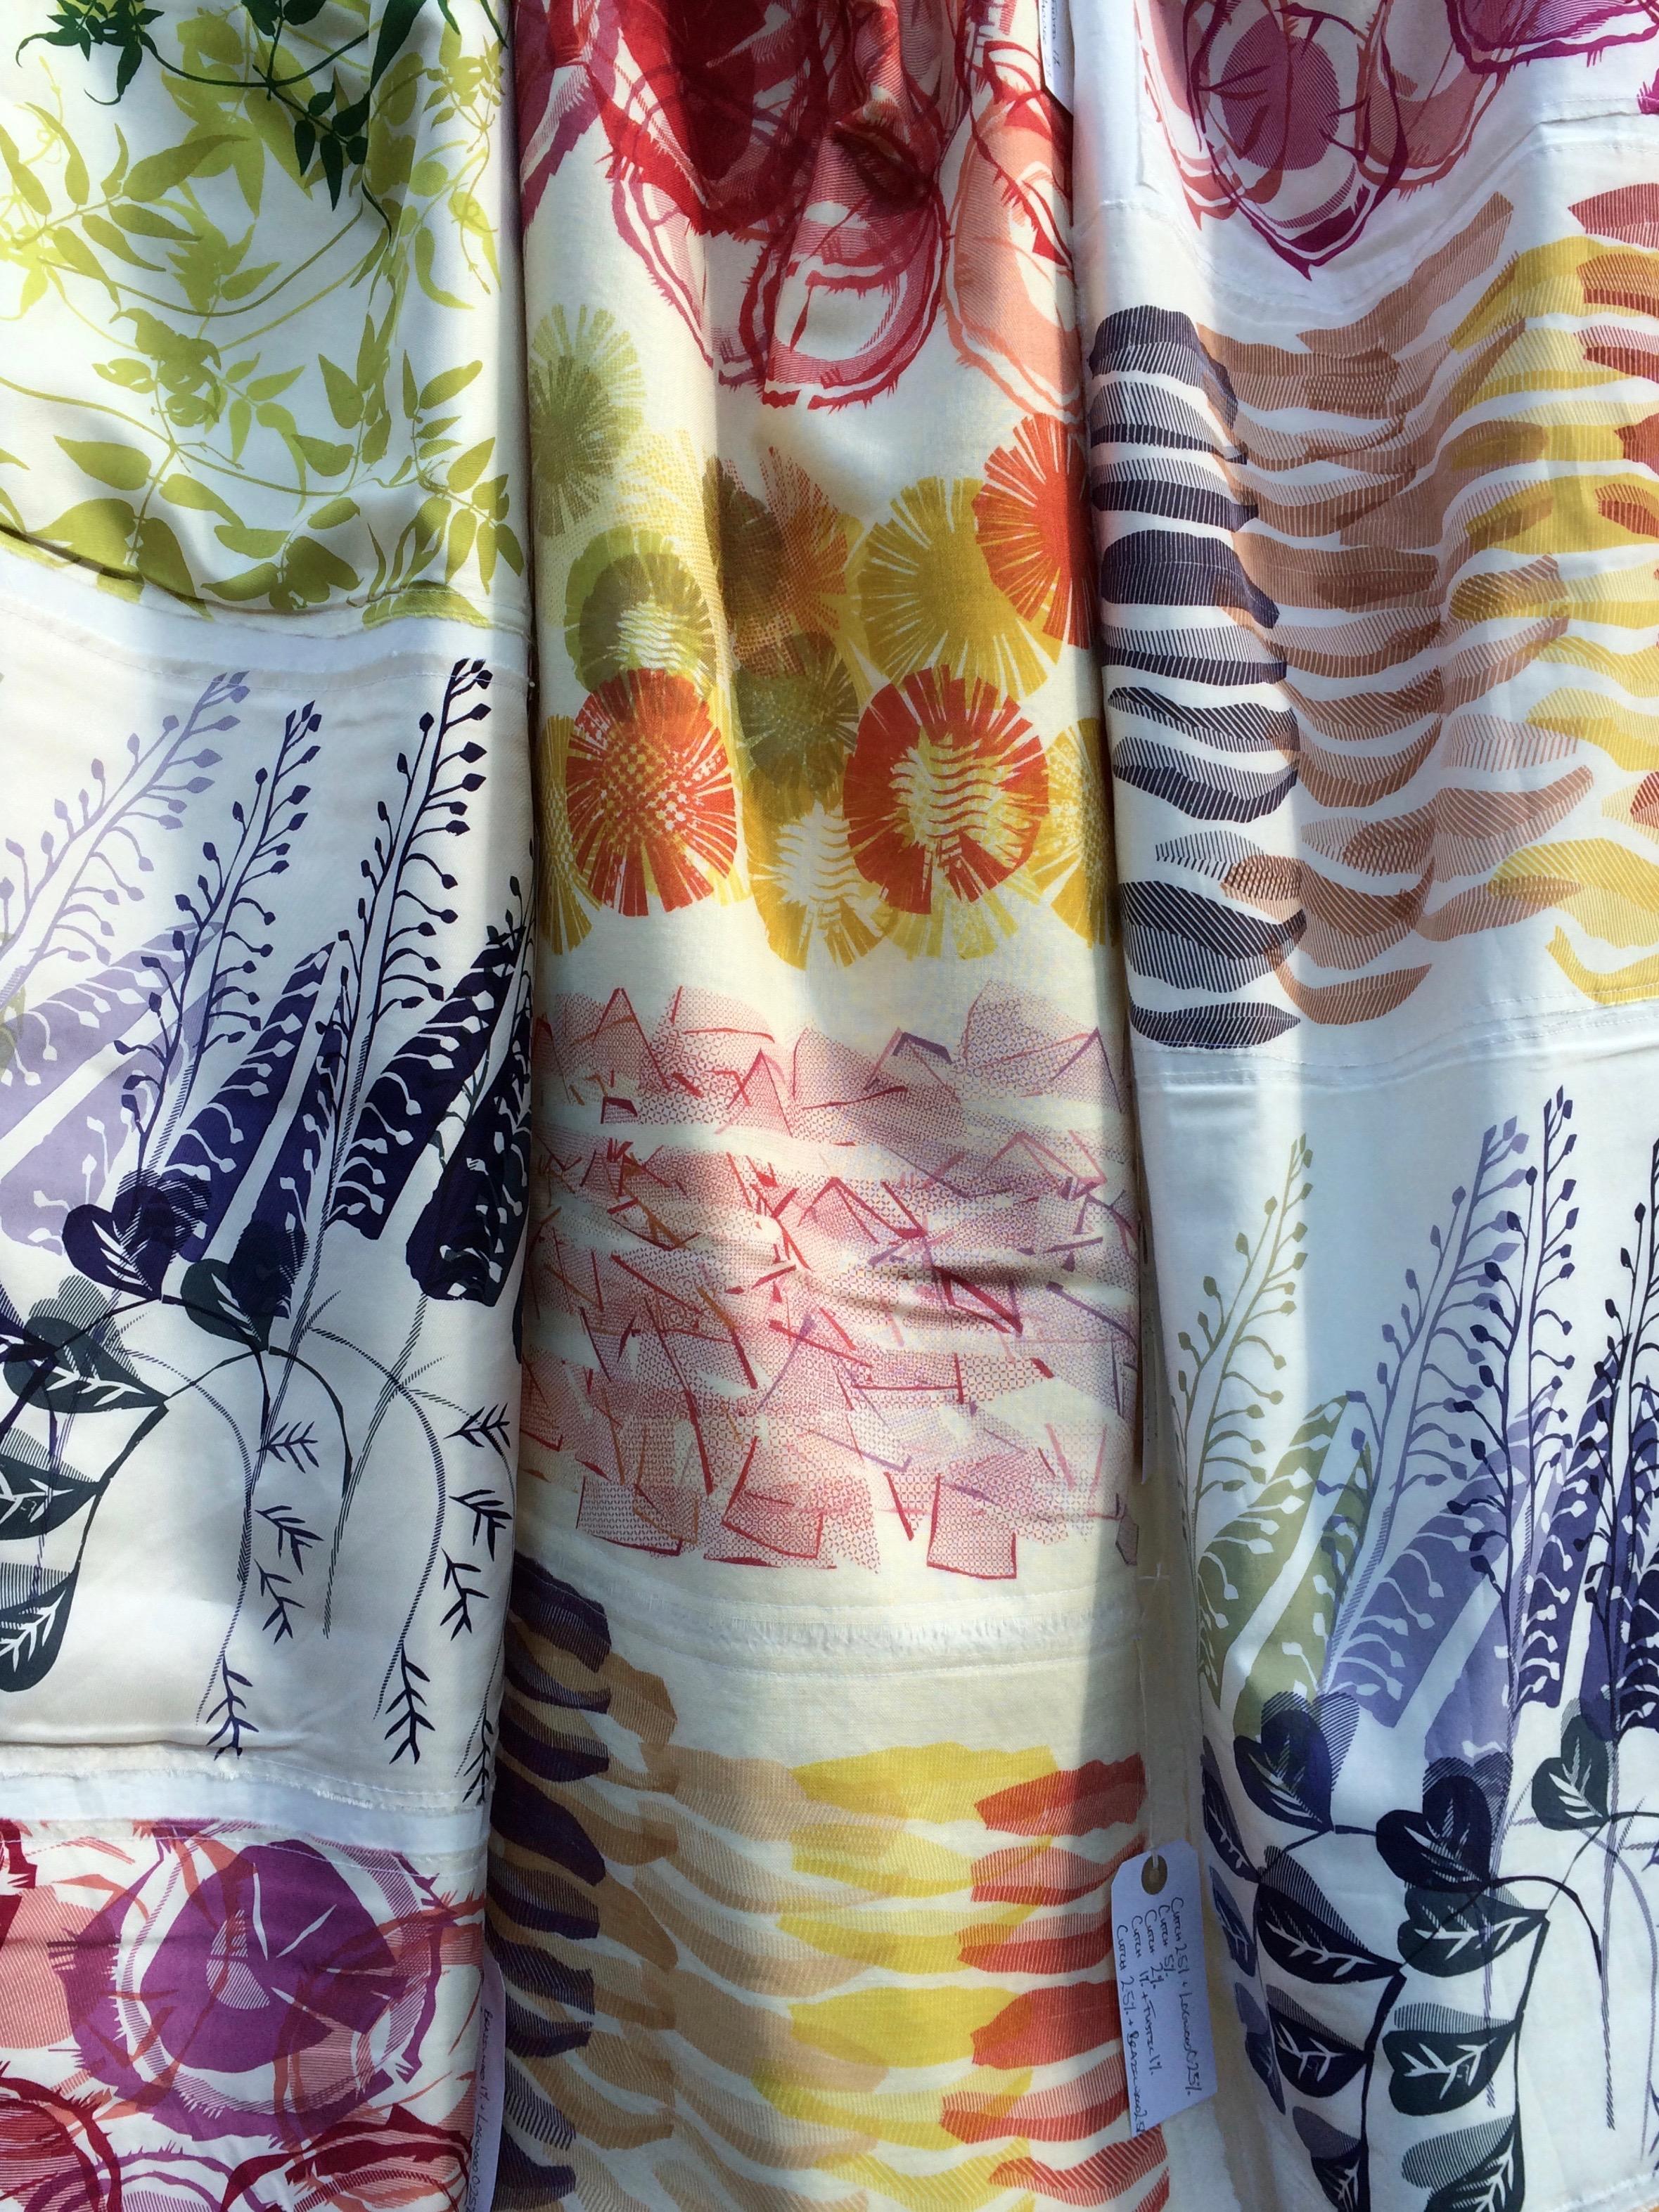 Natural dye scrolls